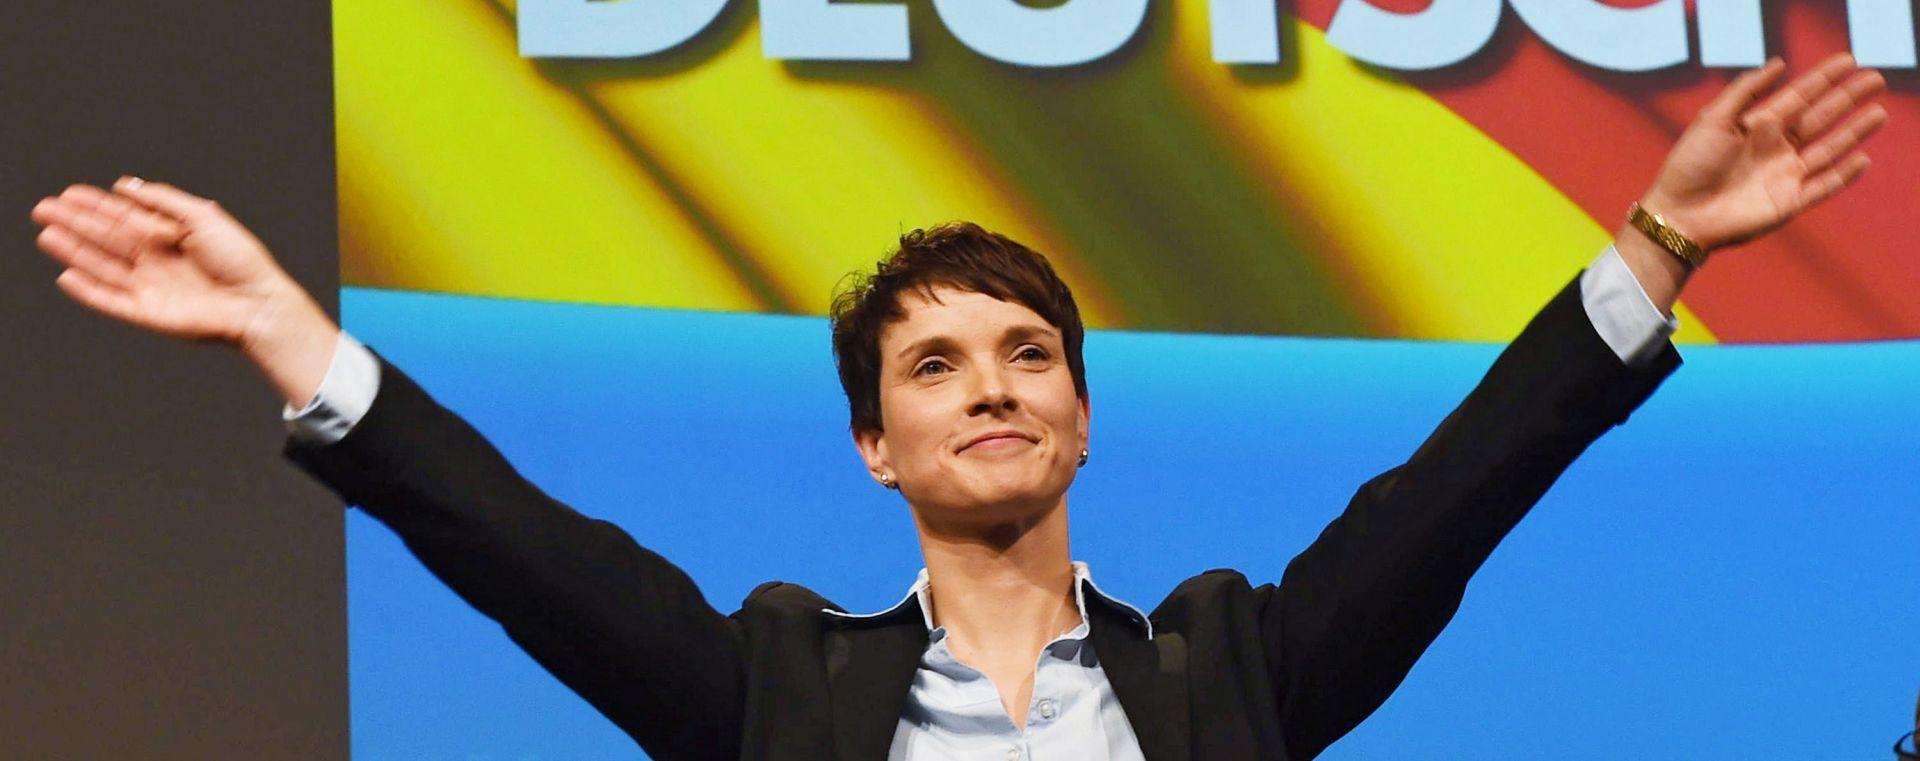 """ČELNICA NJEMAČKE PROTUIMIGRACIJSKE STRANKE:  """"Merkel, dajte ostavku. Vi to možete"""""""